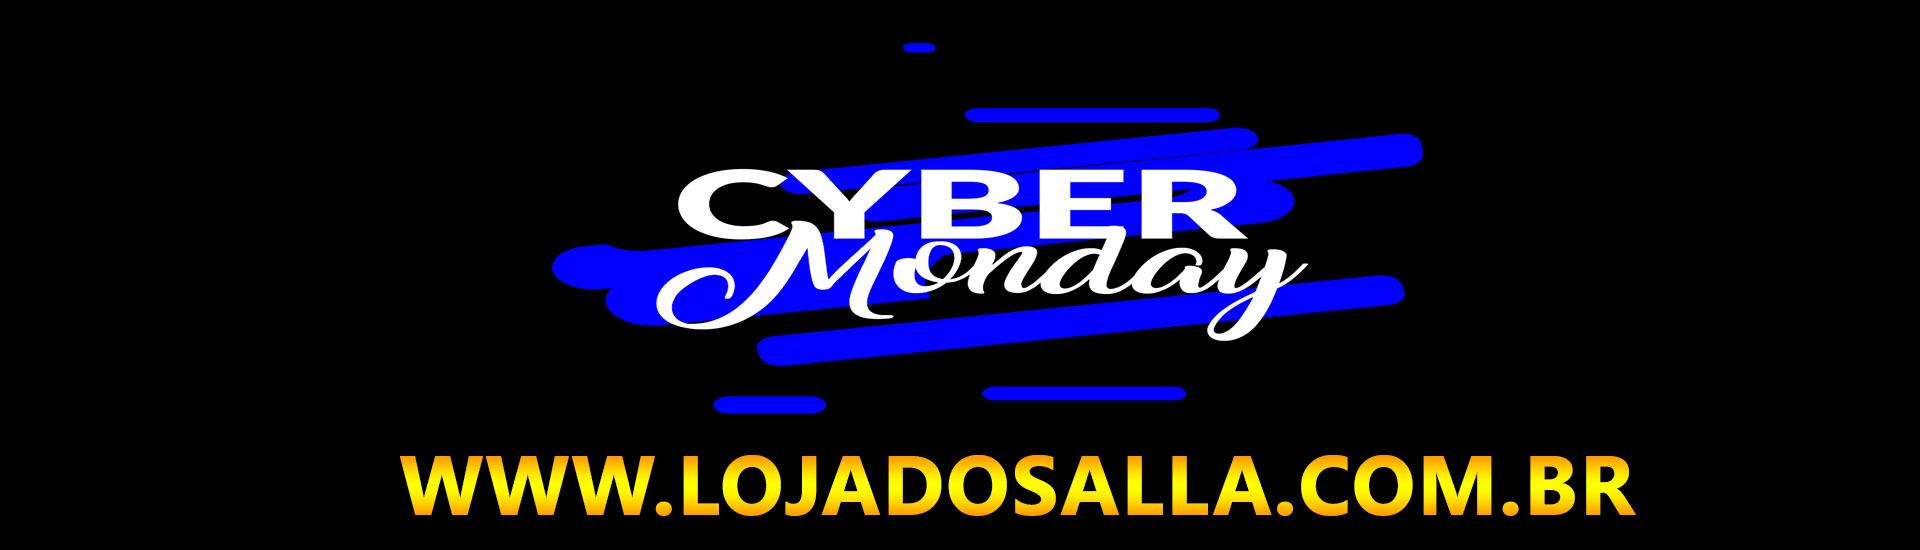 A Cyber Monday na LojadoSalla Já começou, vem e aproveite essas Ofertas !!!